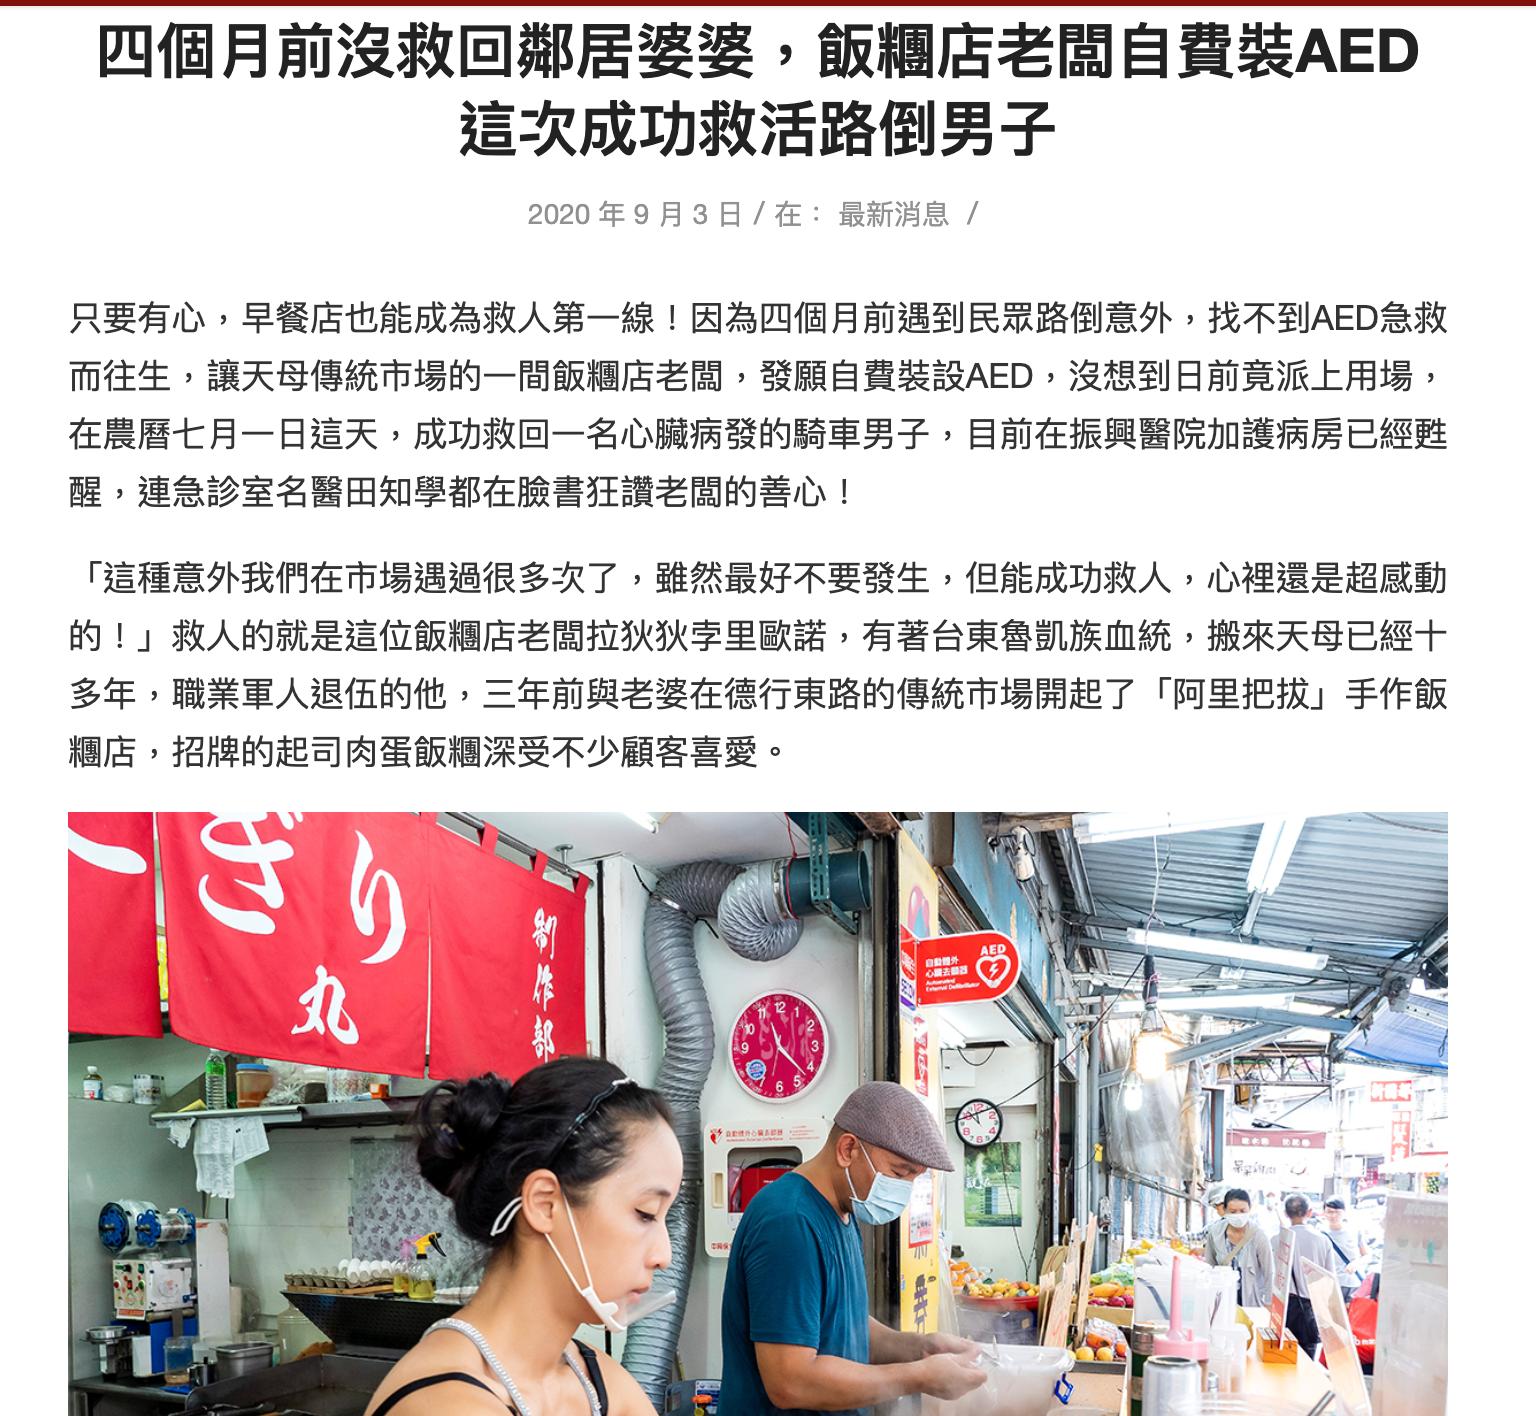 天母美食,台北早餐懶人包,天母美食懶人包,阿里把拔手作精緻古早味飯糰,阿里把拔